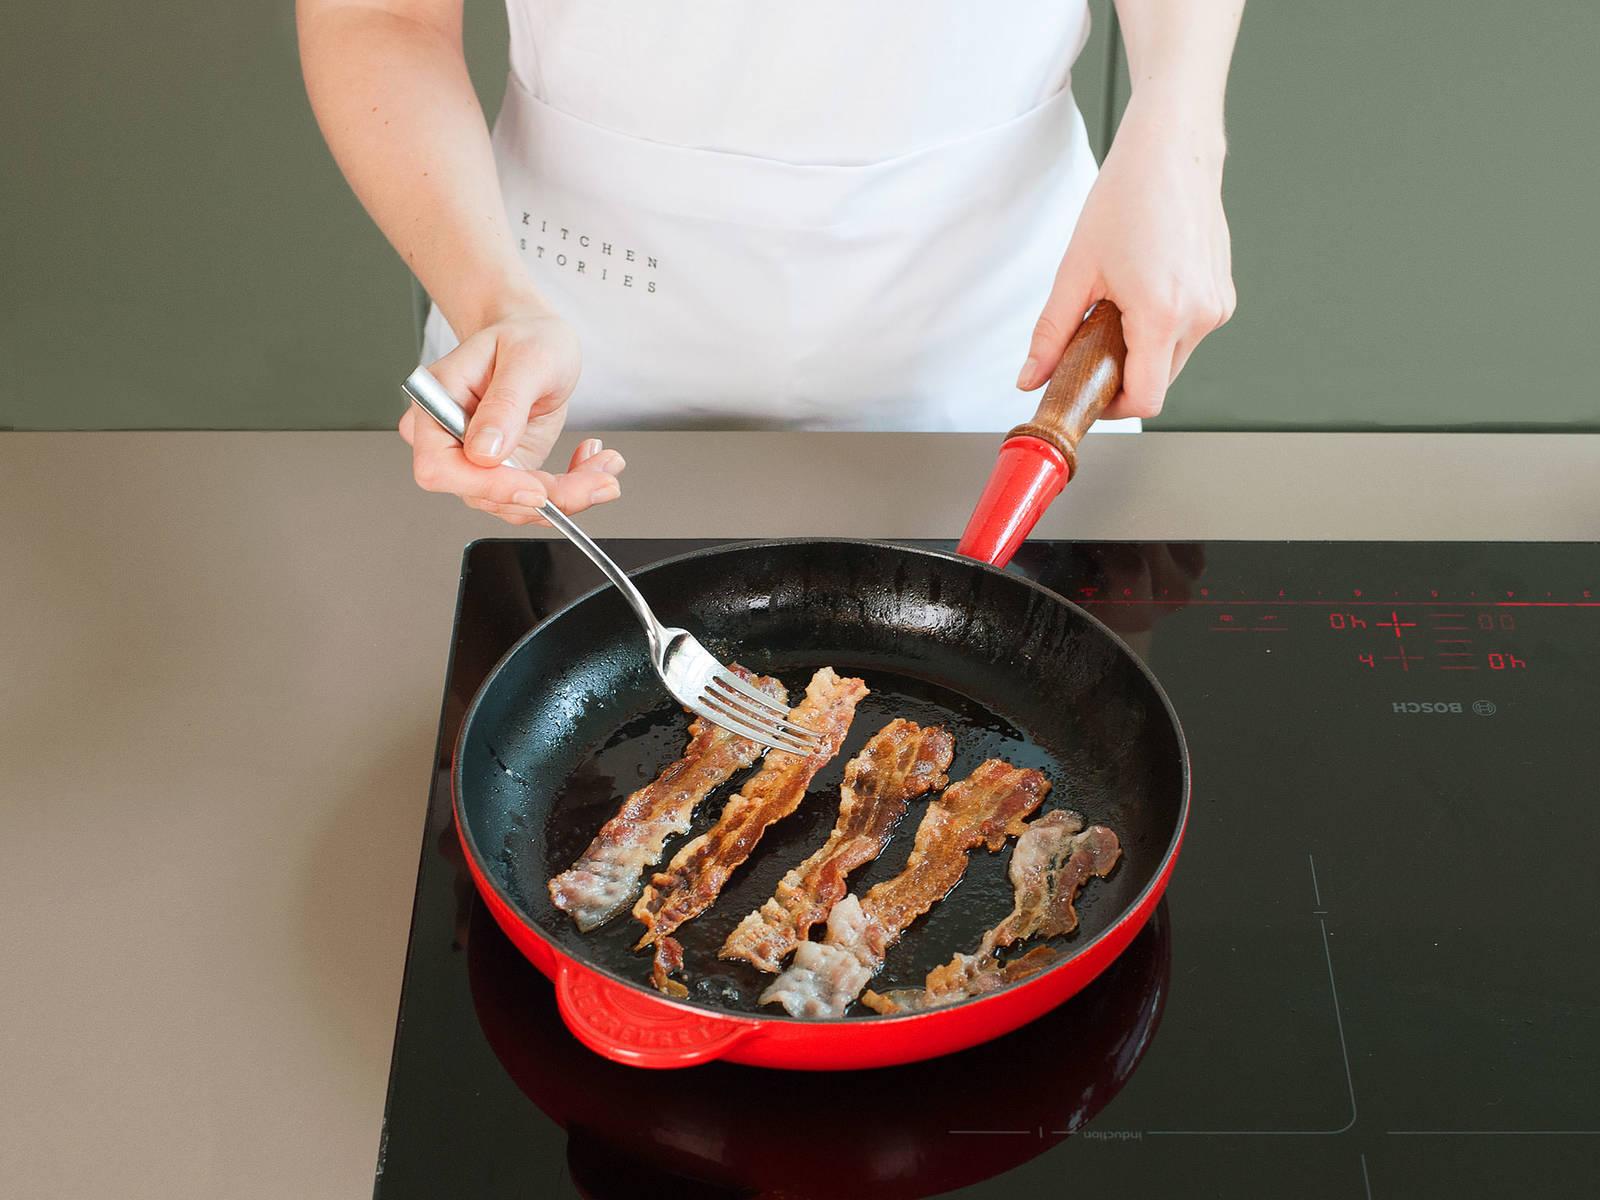 在一只大煎锅里,用中高火将培根的两面各煎一至两分钟,直至培根表面卷起。移至垫有纸巾的盘子上吸干多余的油脂。